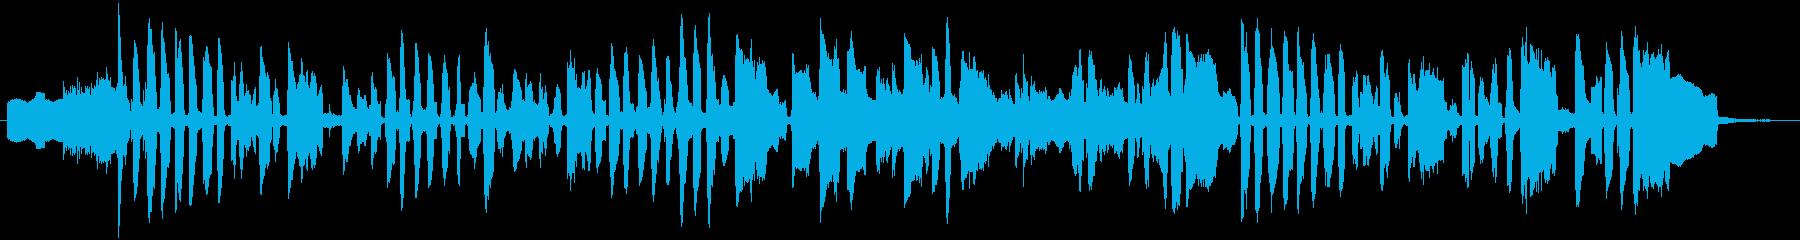 アボカドをテーマにした楽曲の再生済みの波形